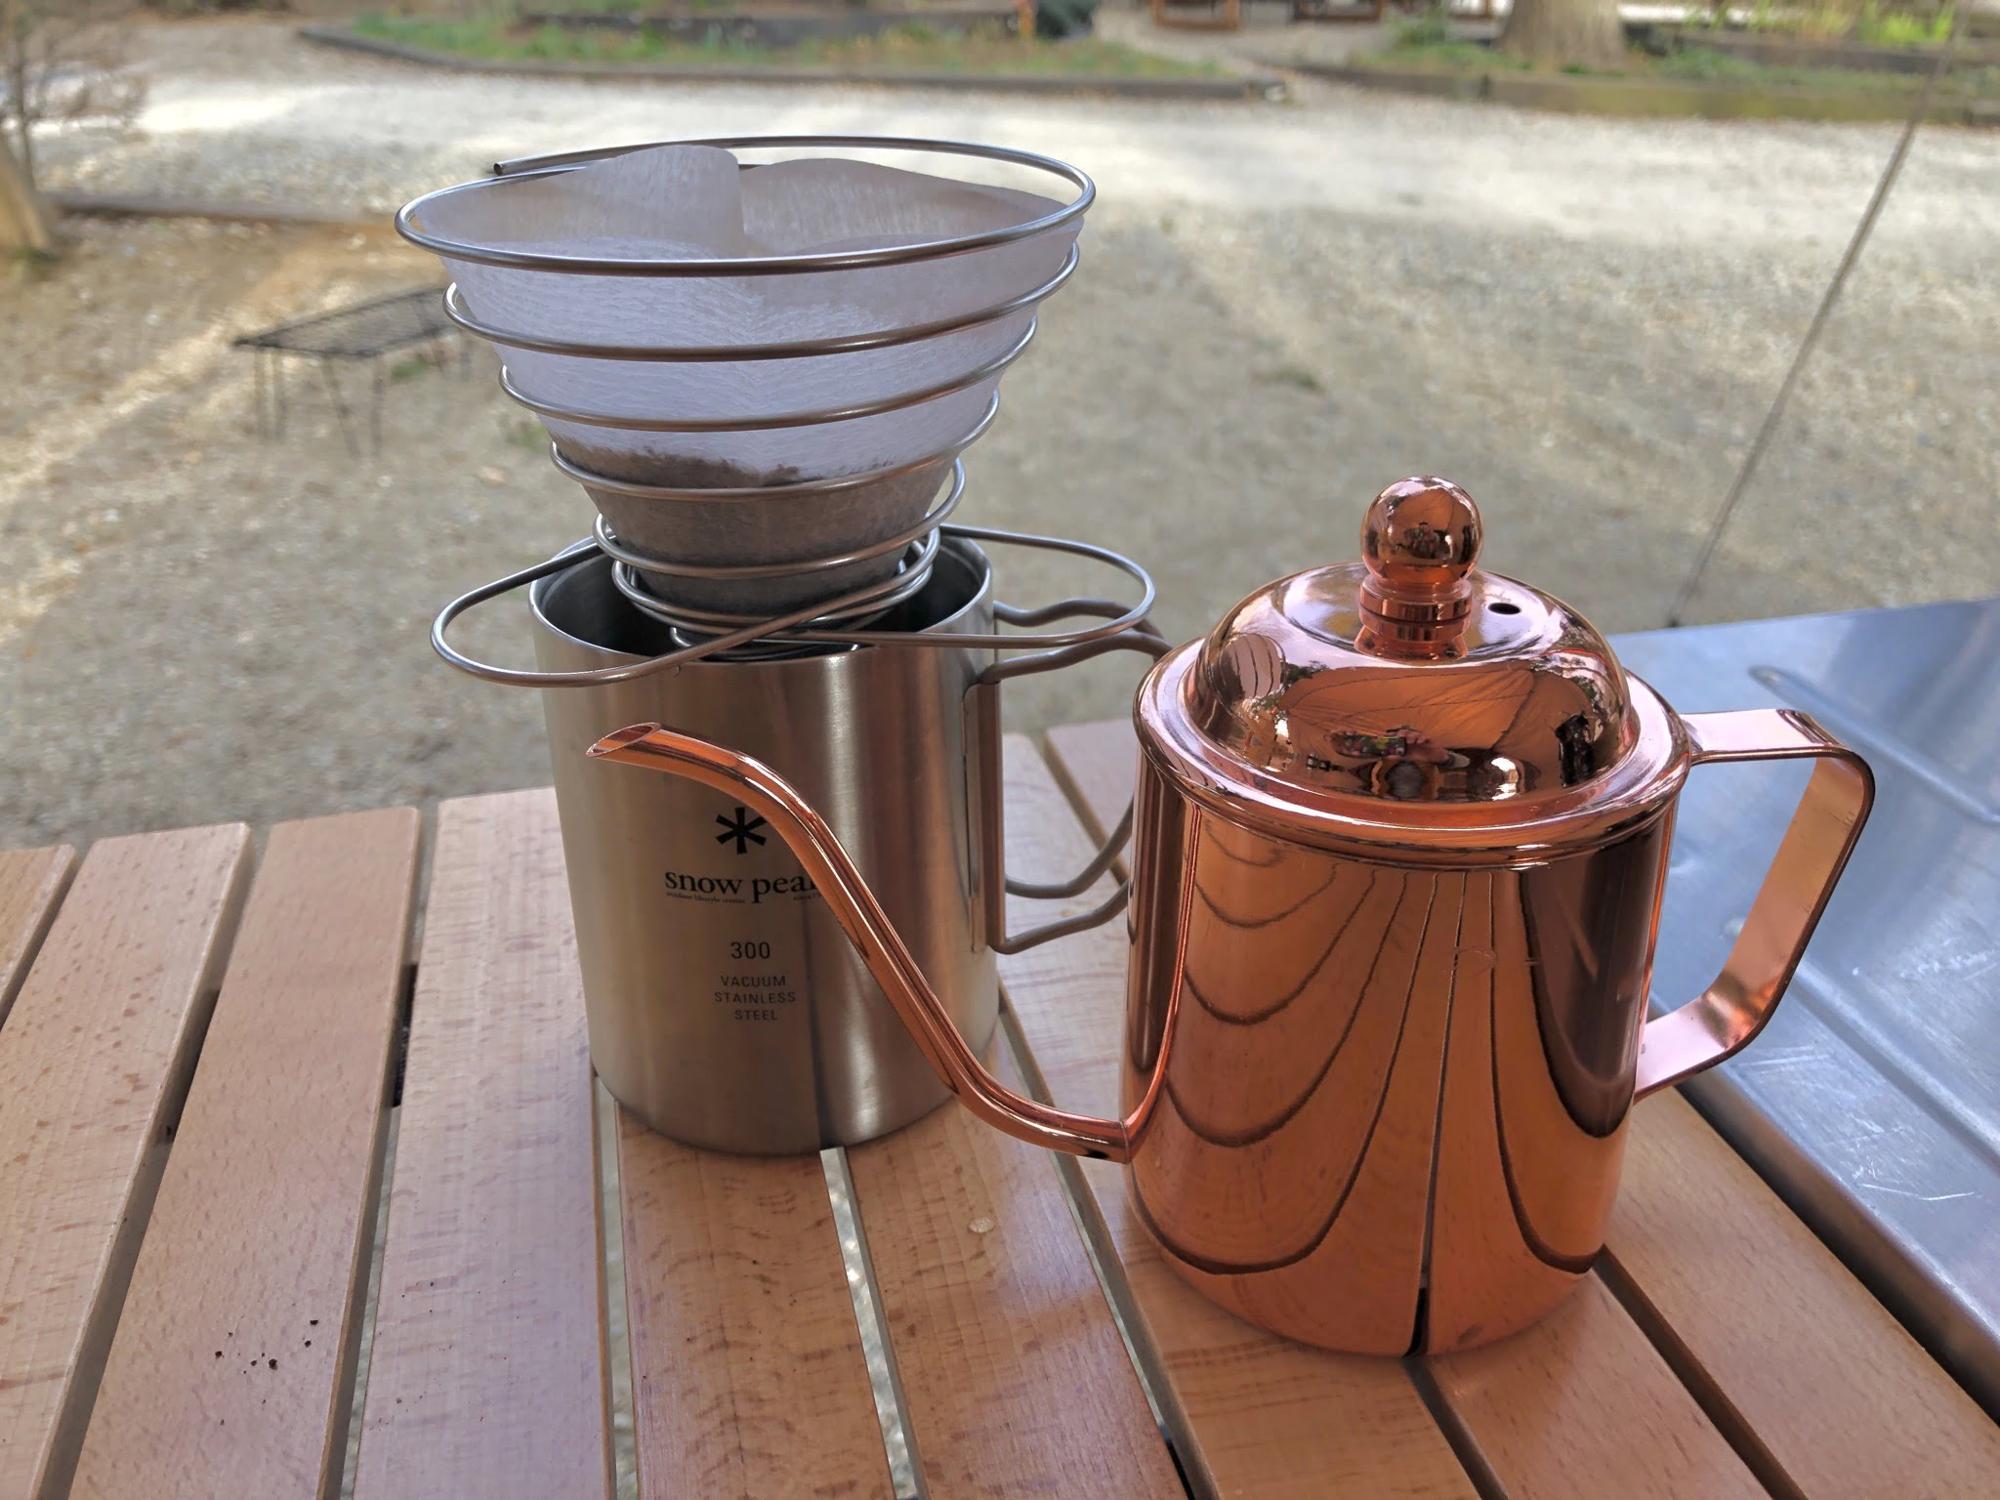 挽きたての朝コーヒーはキャンプの醍醐味の1つ